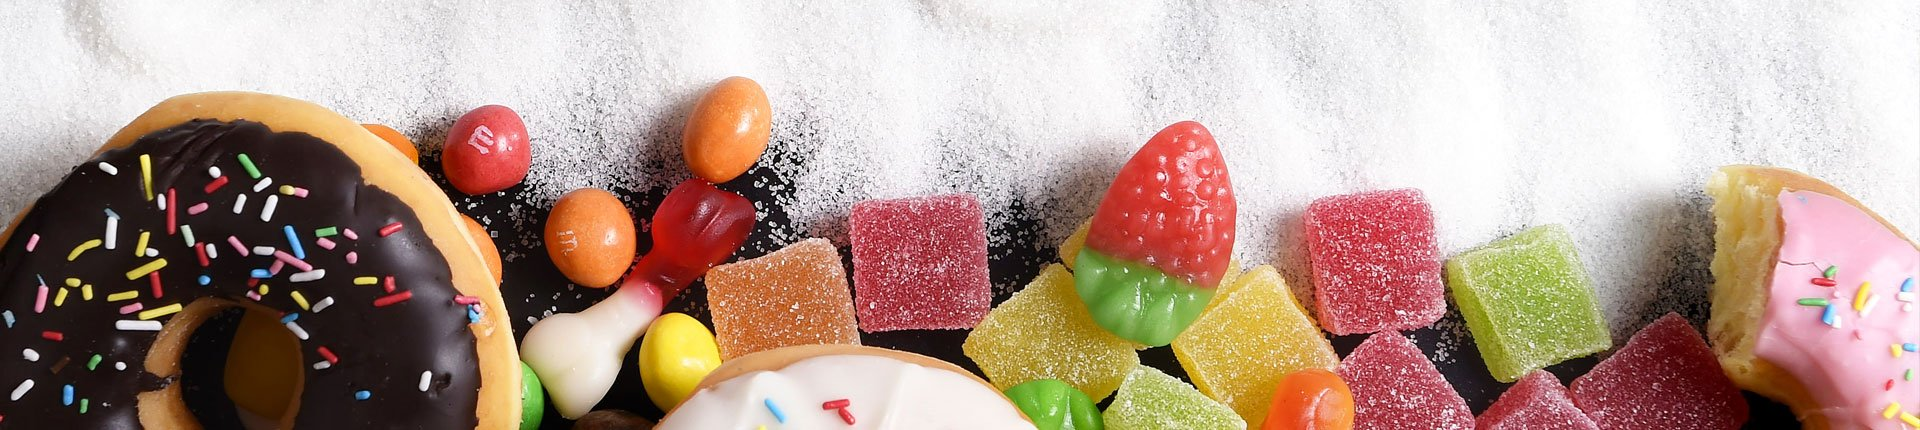 Podatek cukrowy - sensowny czy nie?